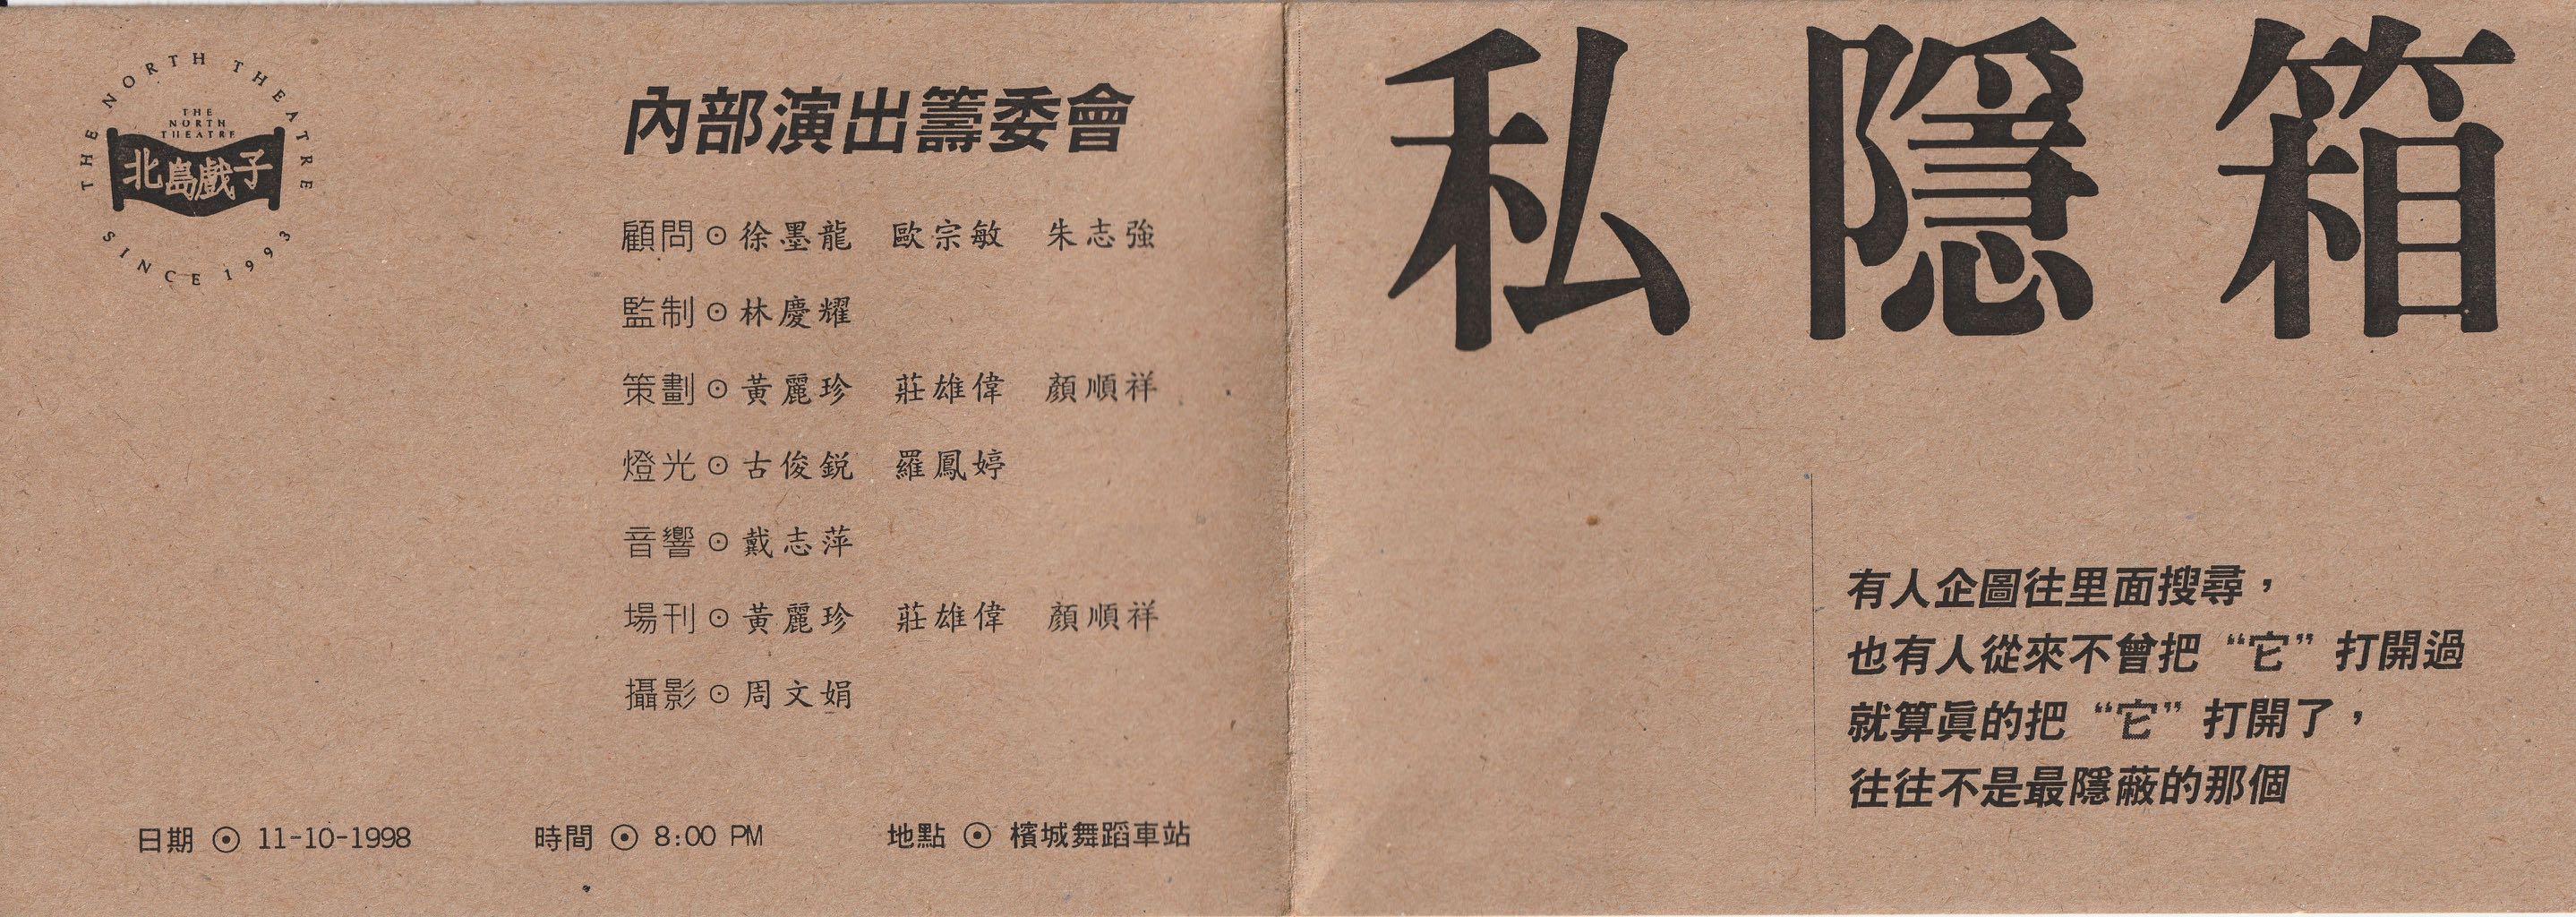 1998 Privacy Box Brochure 01